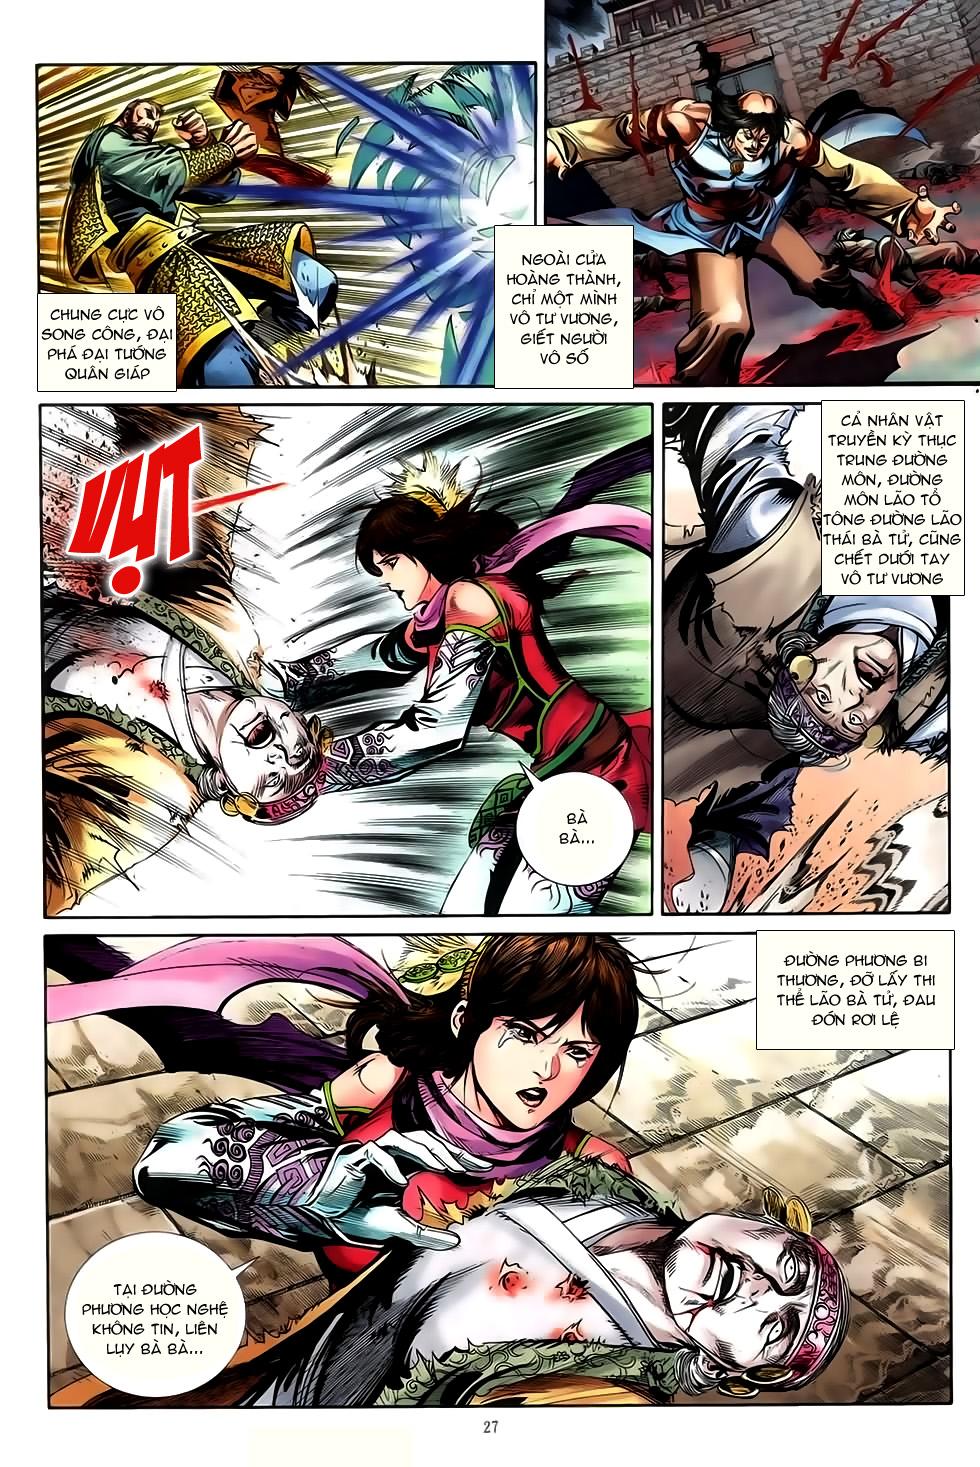 Đại Hiệp Truyền Kỳ (Thần Châu Hậu Truyện) chap 50 - Trang 24